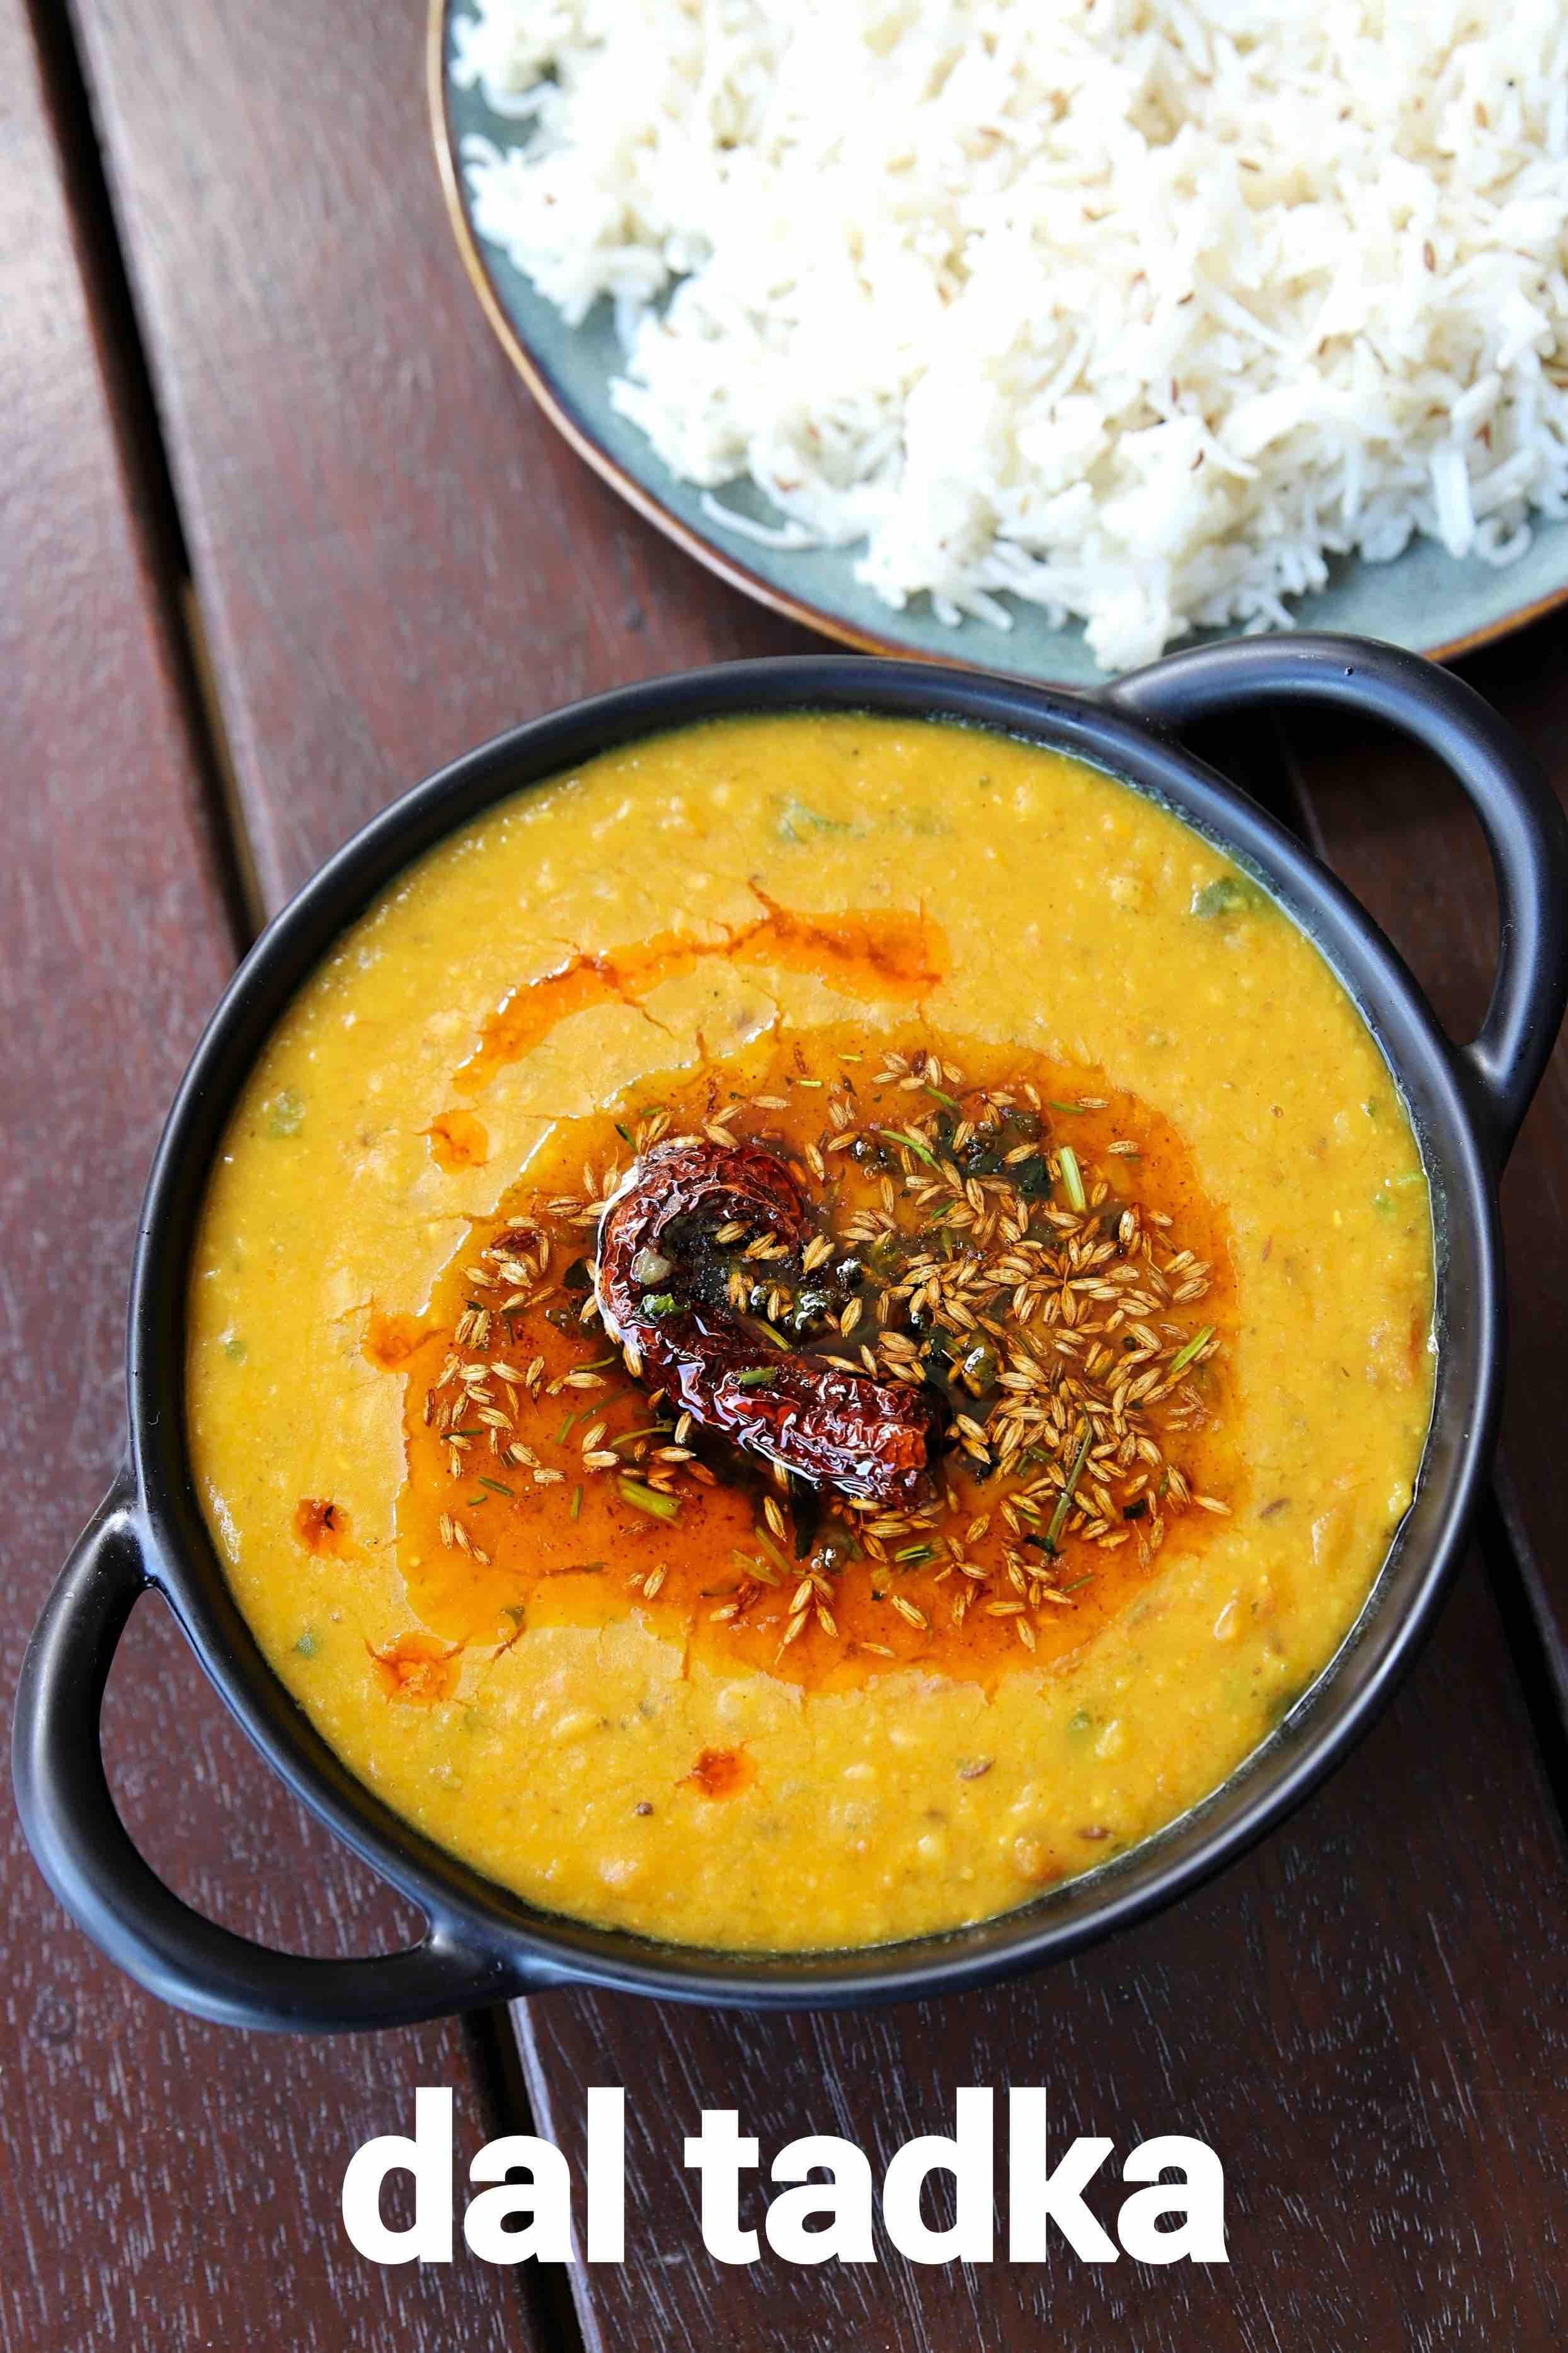 dal tadka recipe | yellow dal tadka | restaurant s